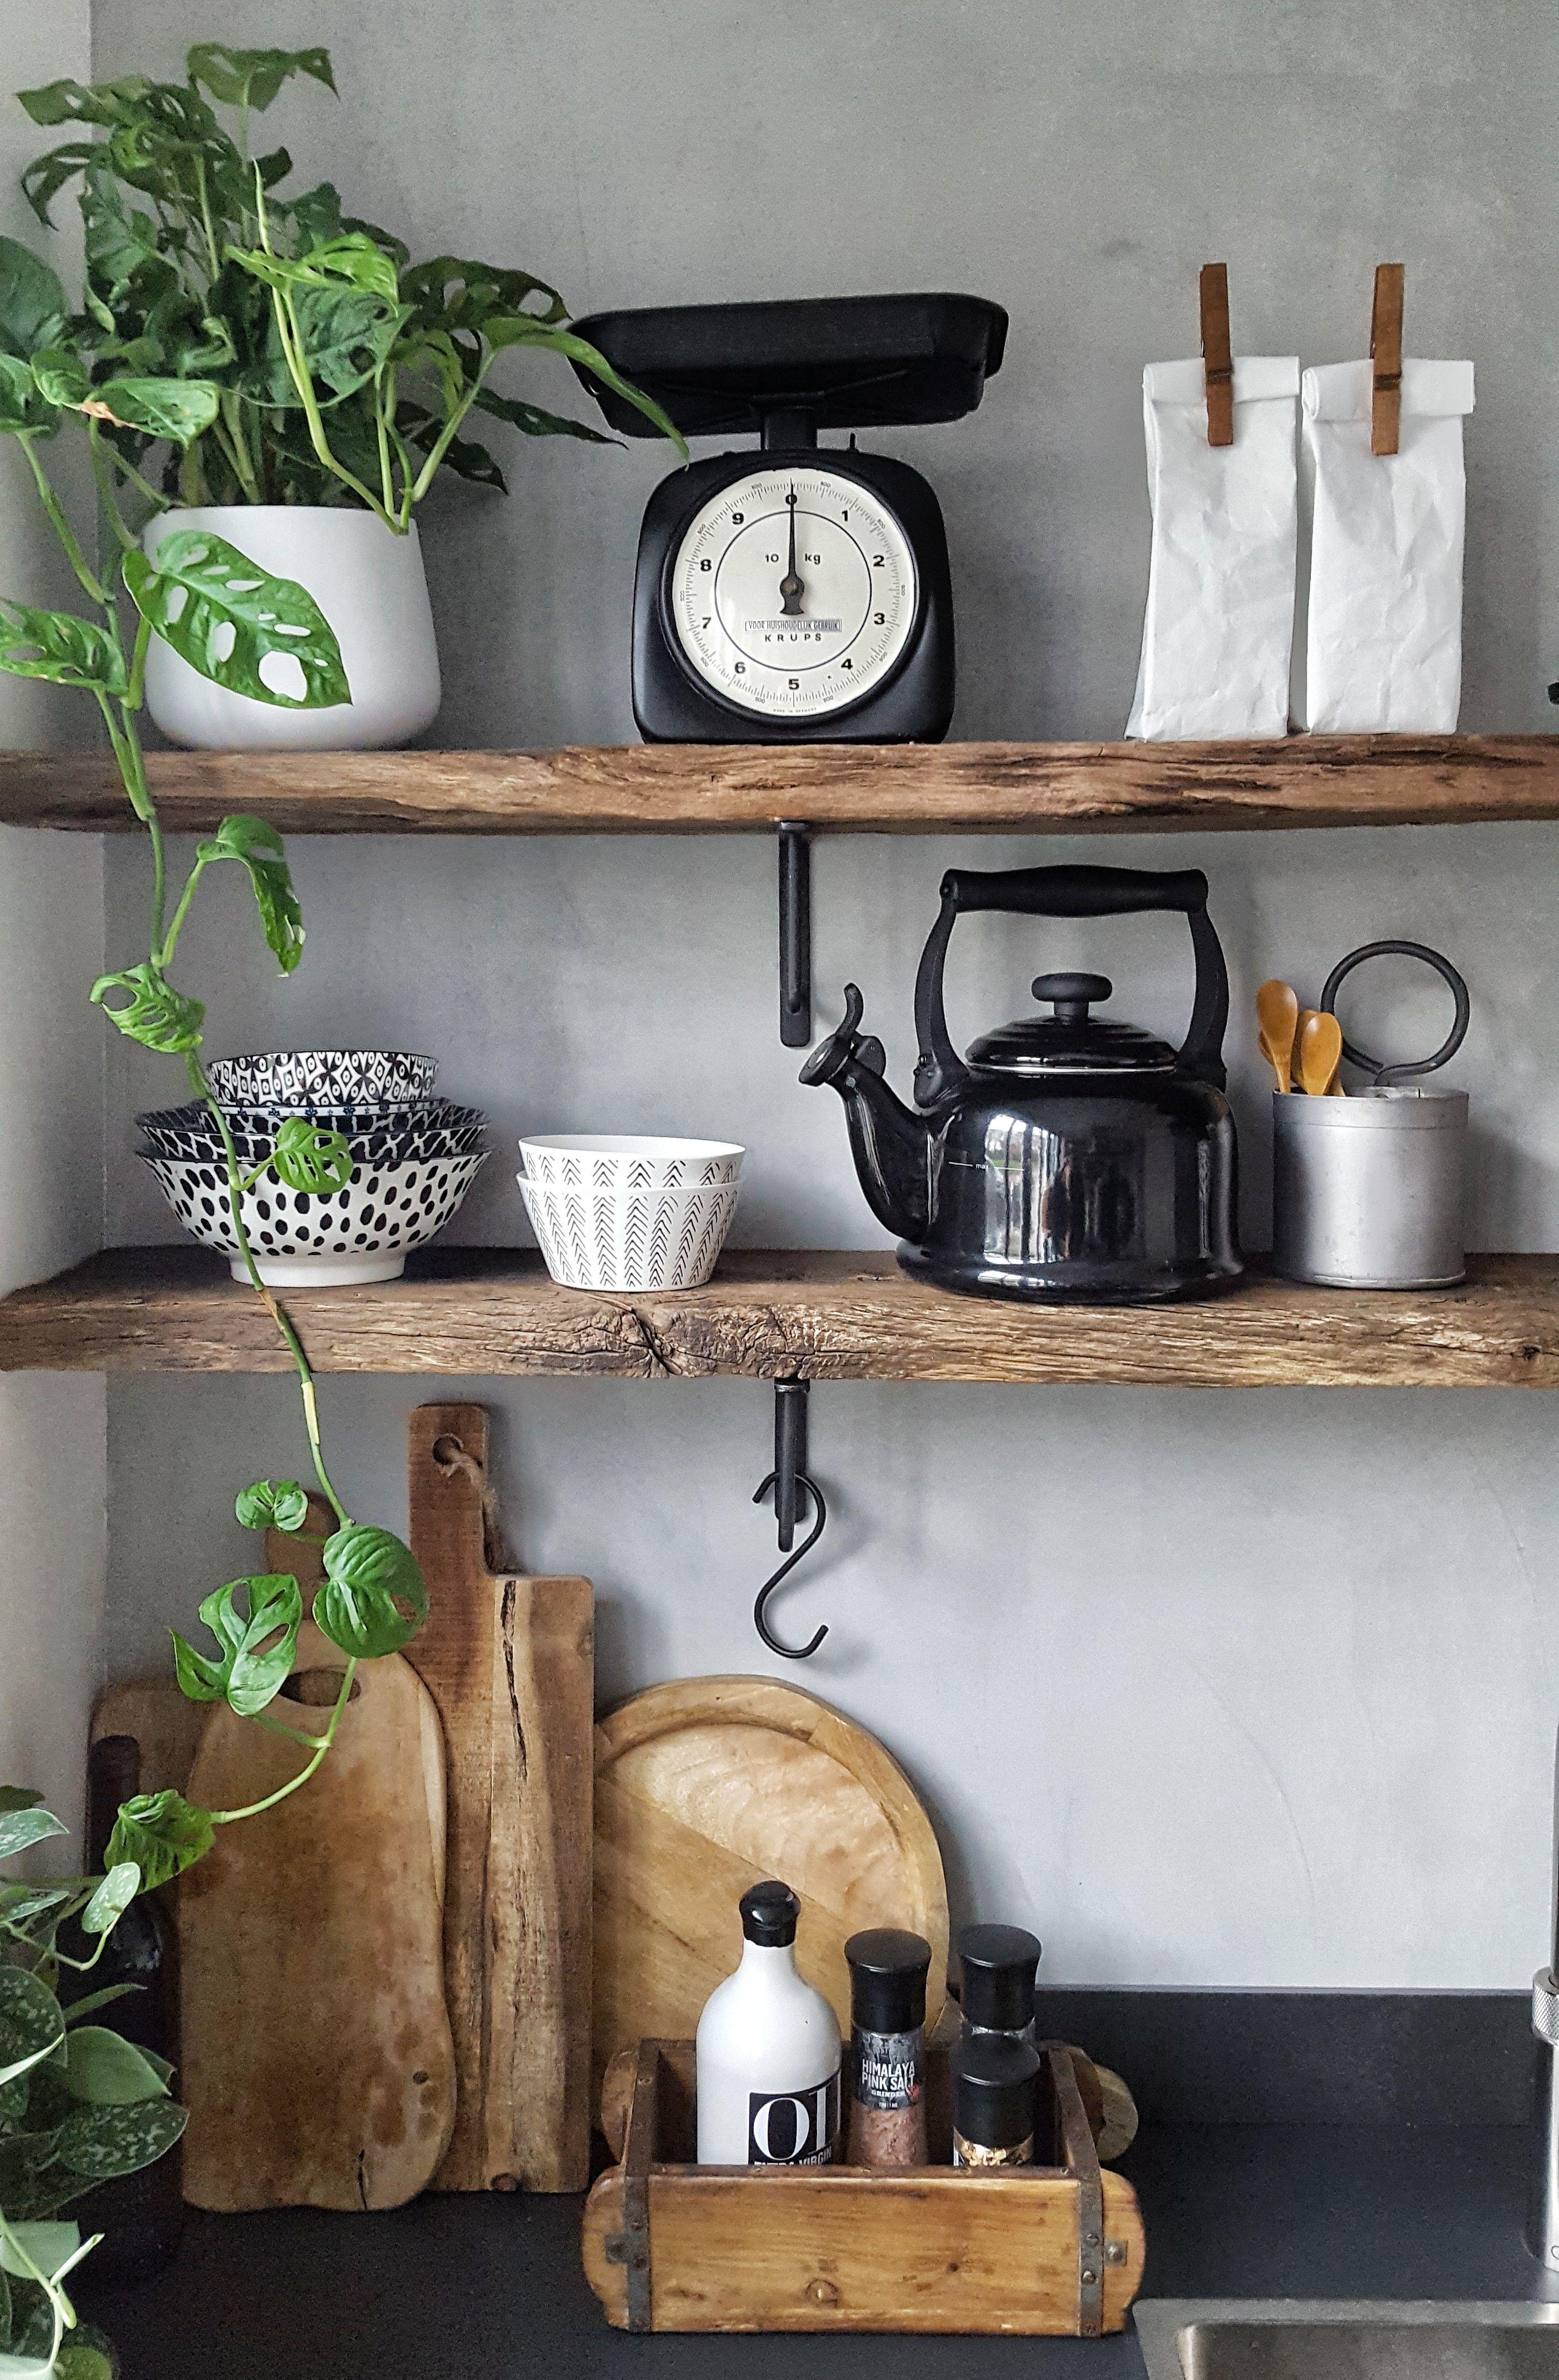 Het Hout In Deze Keuken Is Zo Mooi In Combinatie Met De Betonlook Muur En Het Frisse Groen Van De Plant Keuken Idee Keuken Inrichting Keuken Ontwerp